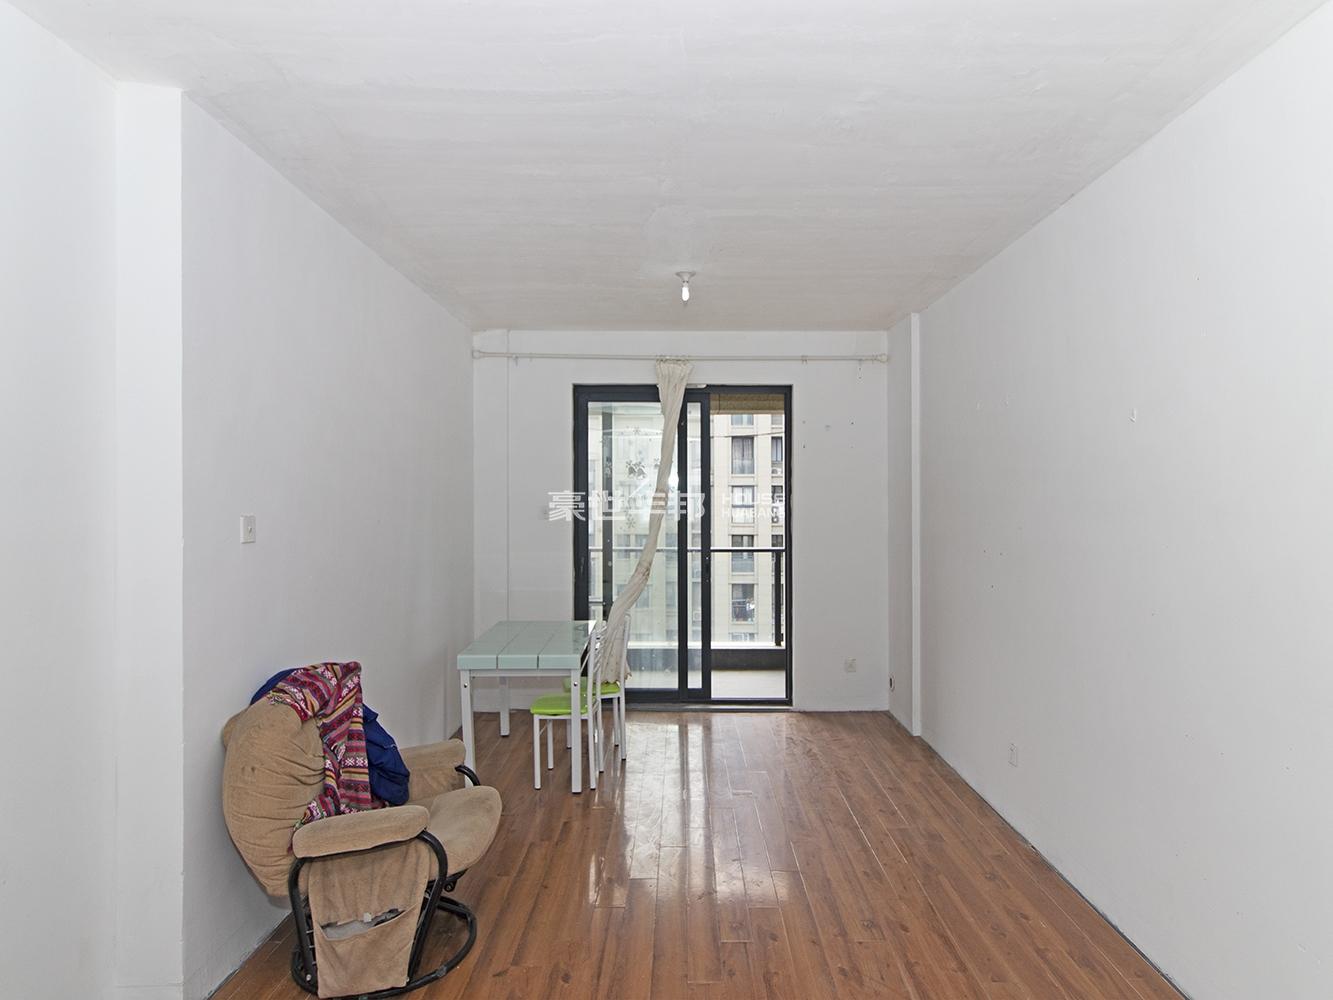 房东诚心出售,两房南北通透户型,小面积总价低,刚需户型。